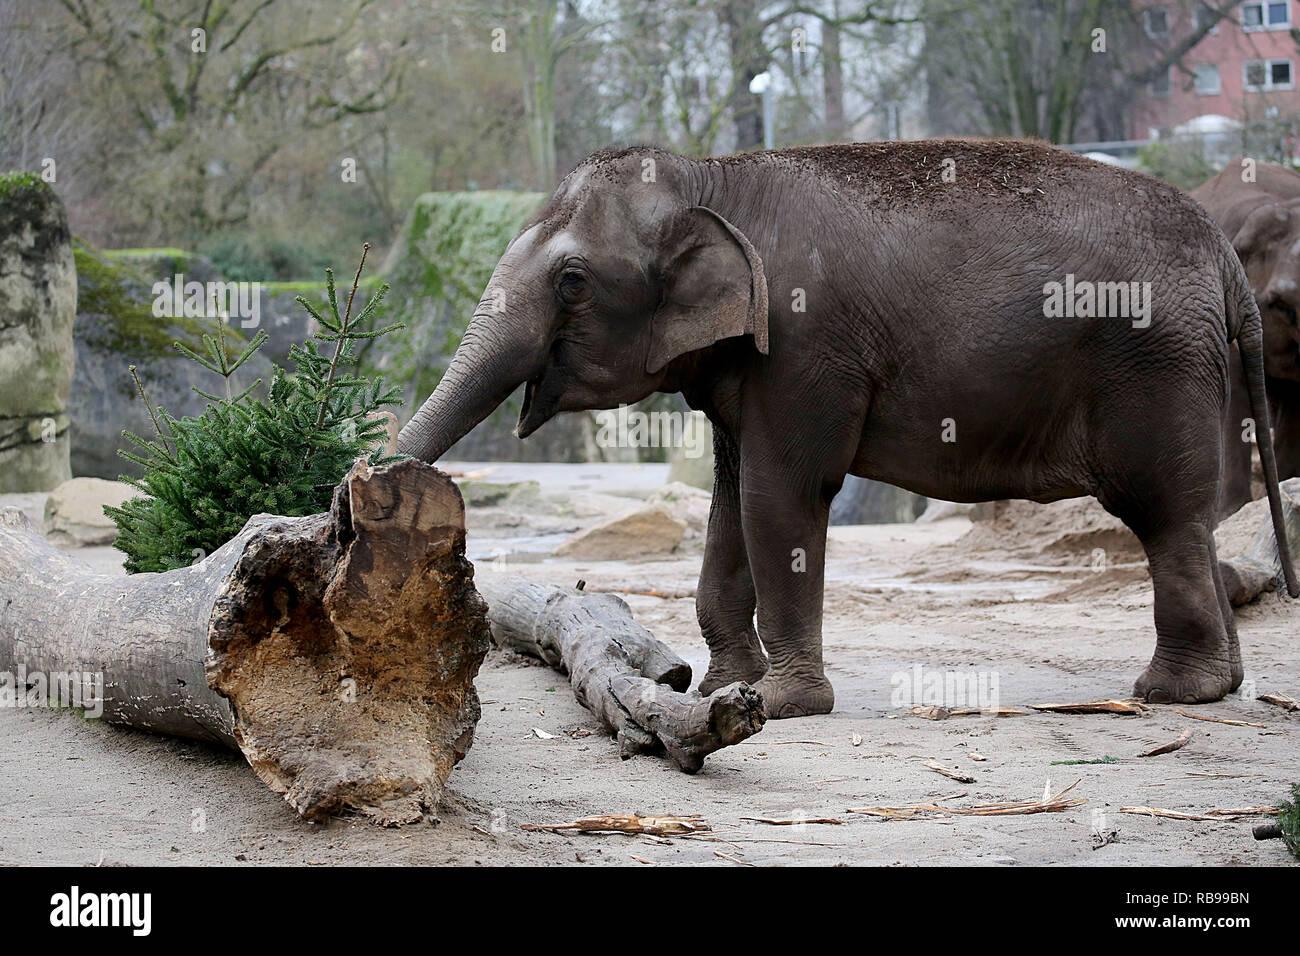 Weihnachten 2019 Köln.08 Januar 2019 Nordrhein Westfalen Köln Ein Elefant Frisst Eine